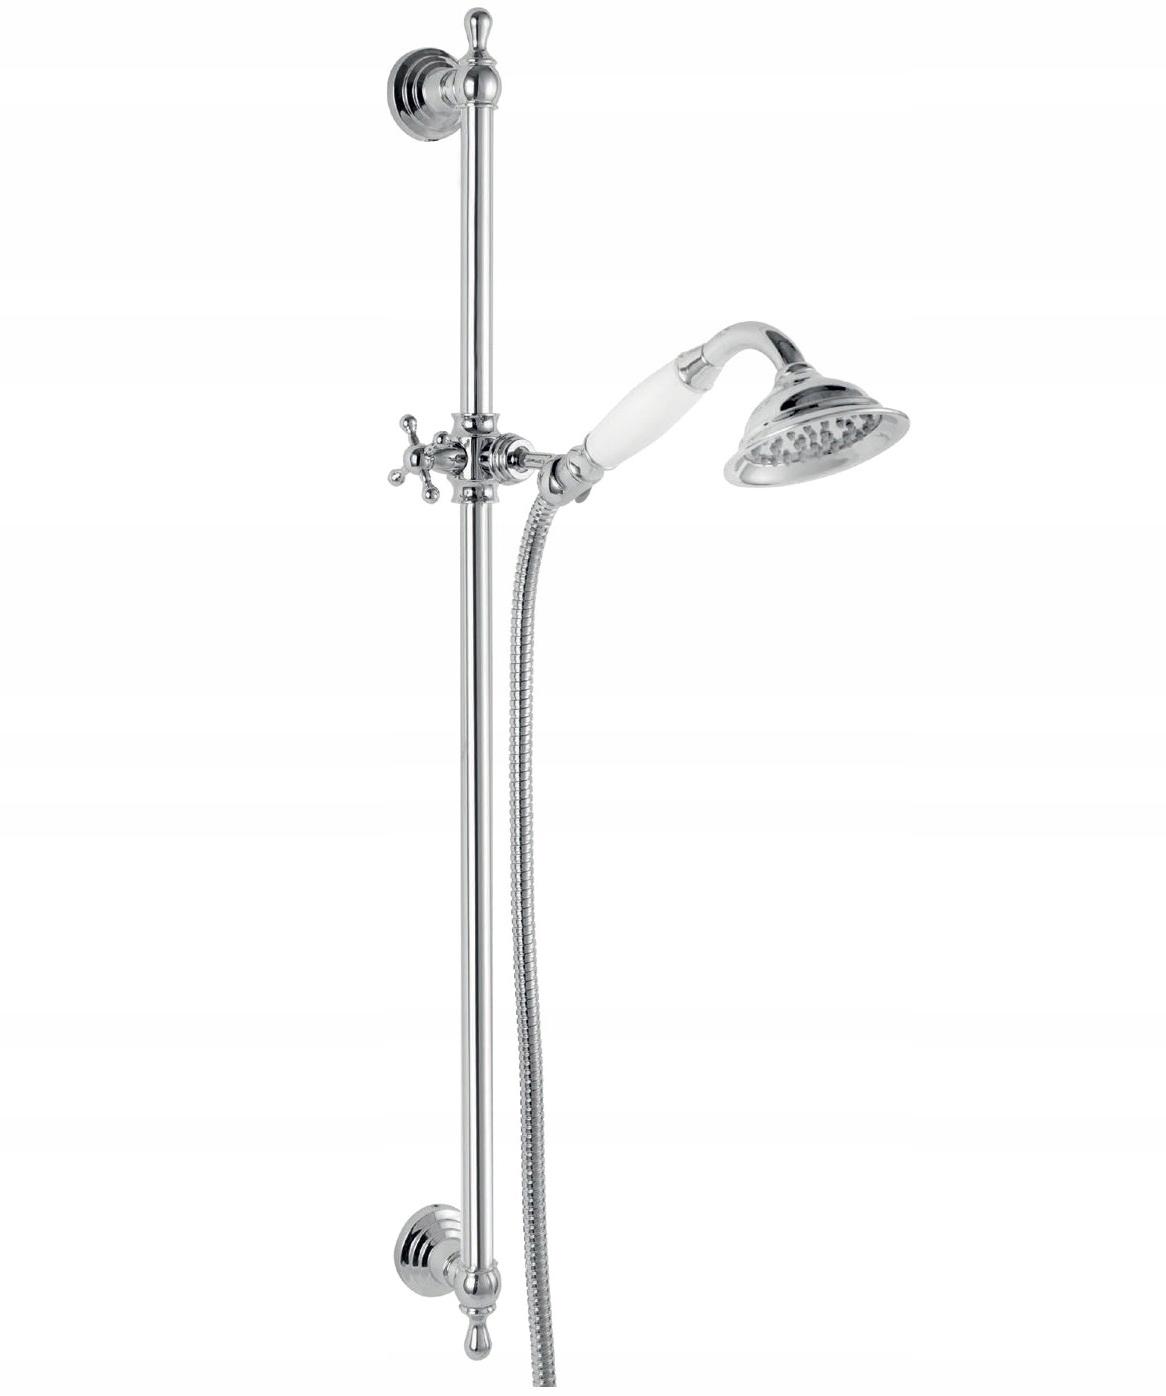 ŽELEZNÝCH RETRO N160 sprcha SET, CHRÓM/BIELA